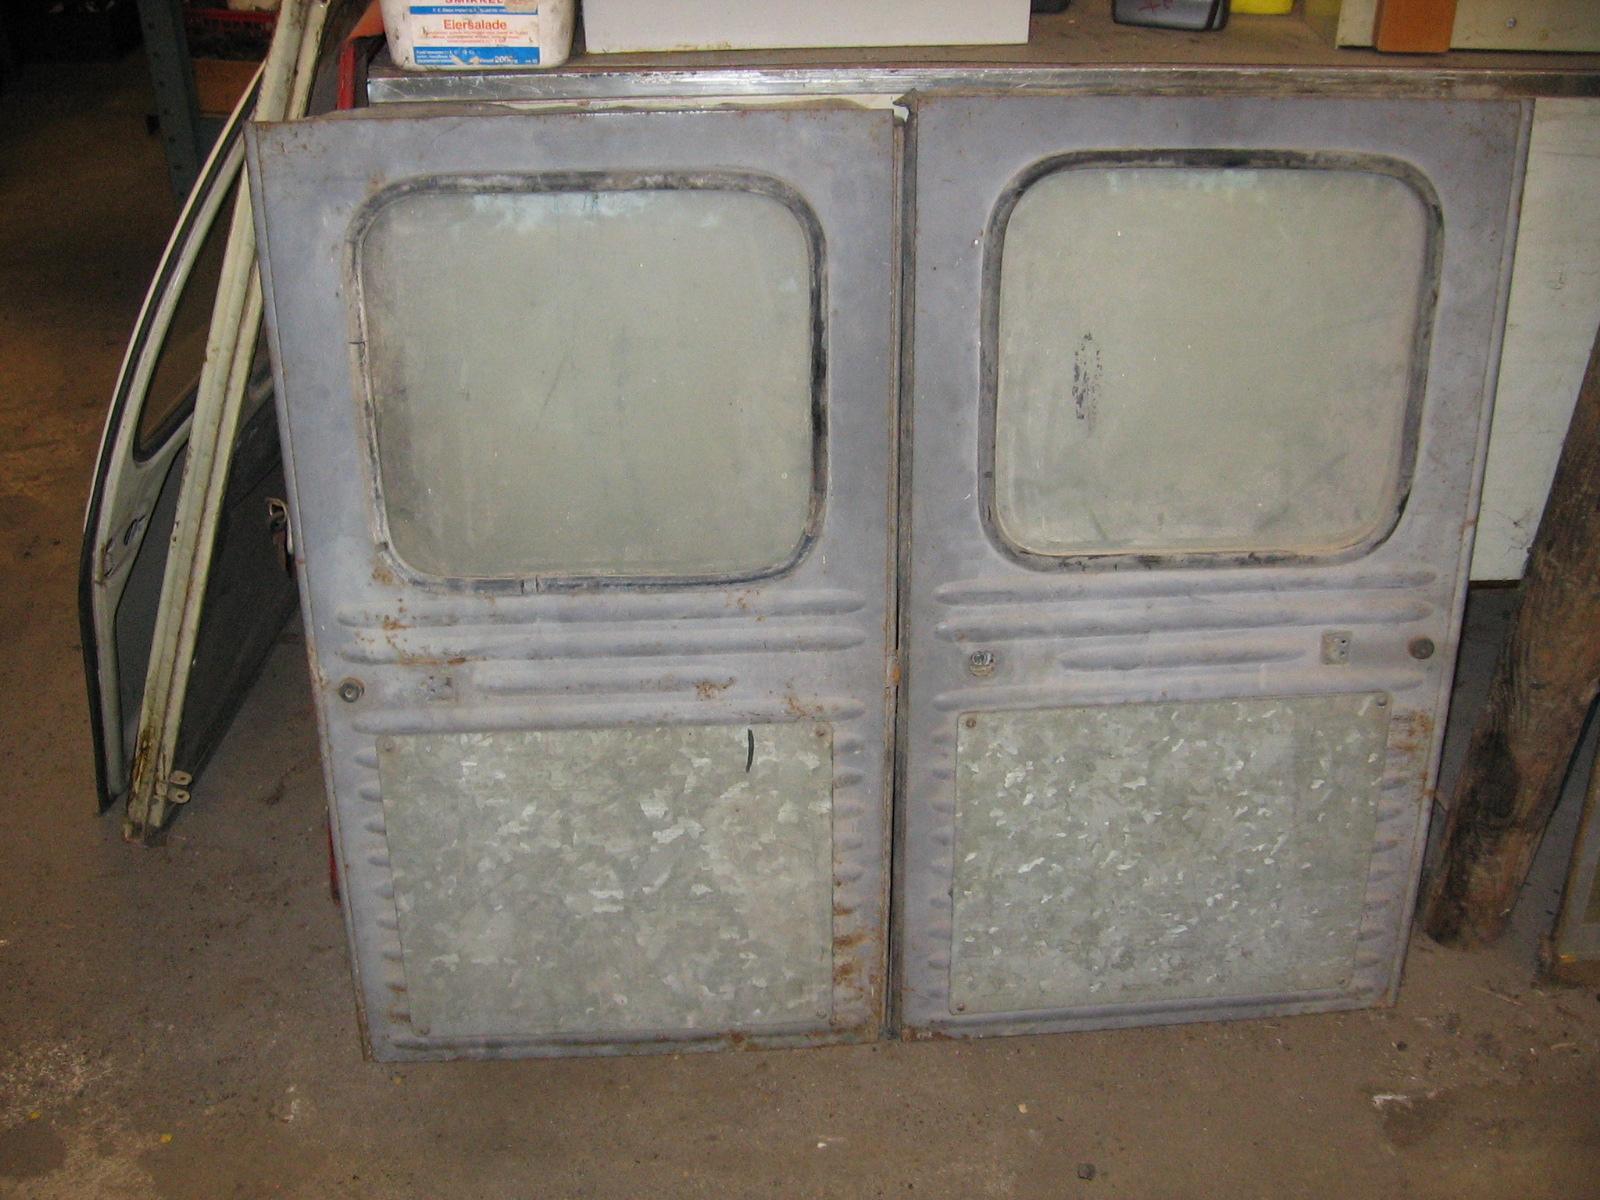 OD0484 een set achterdeuren voor de AZU besteleend, met een speciaal reclameplaatje, staat: gaaf. Wordt alleen als set verkocht. VERKOCHT